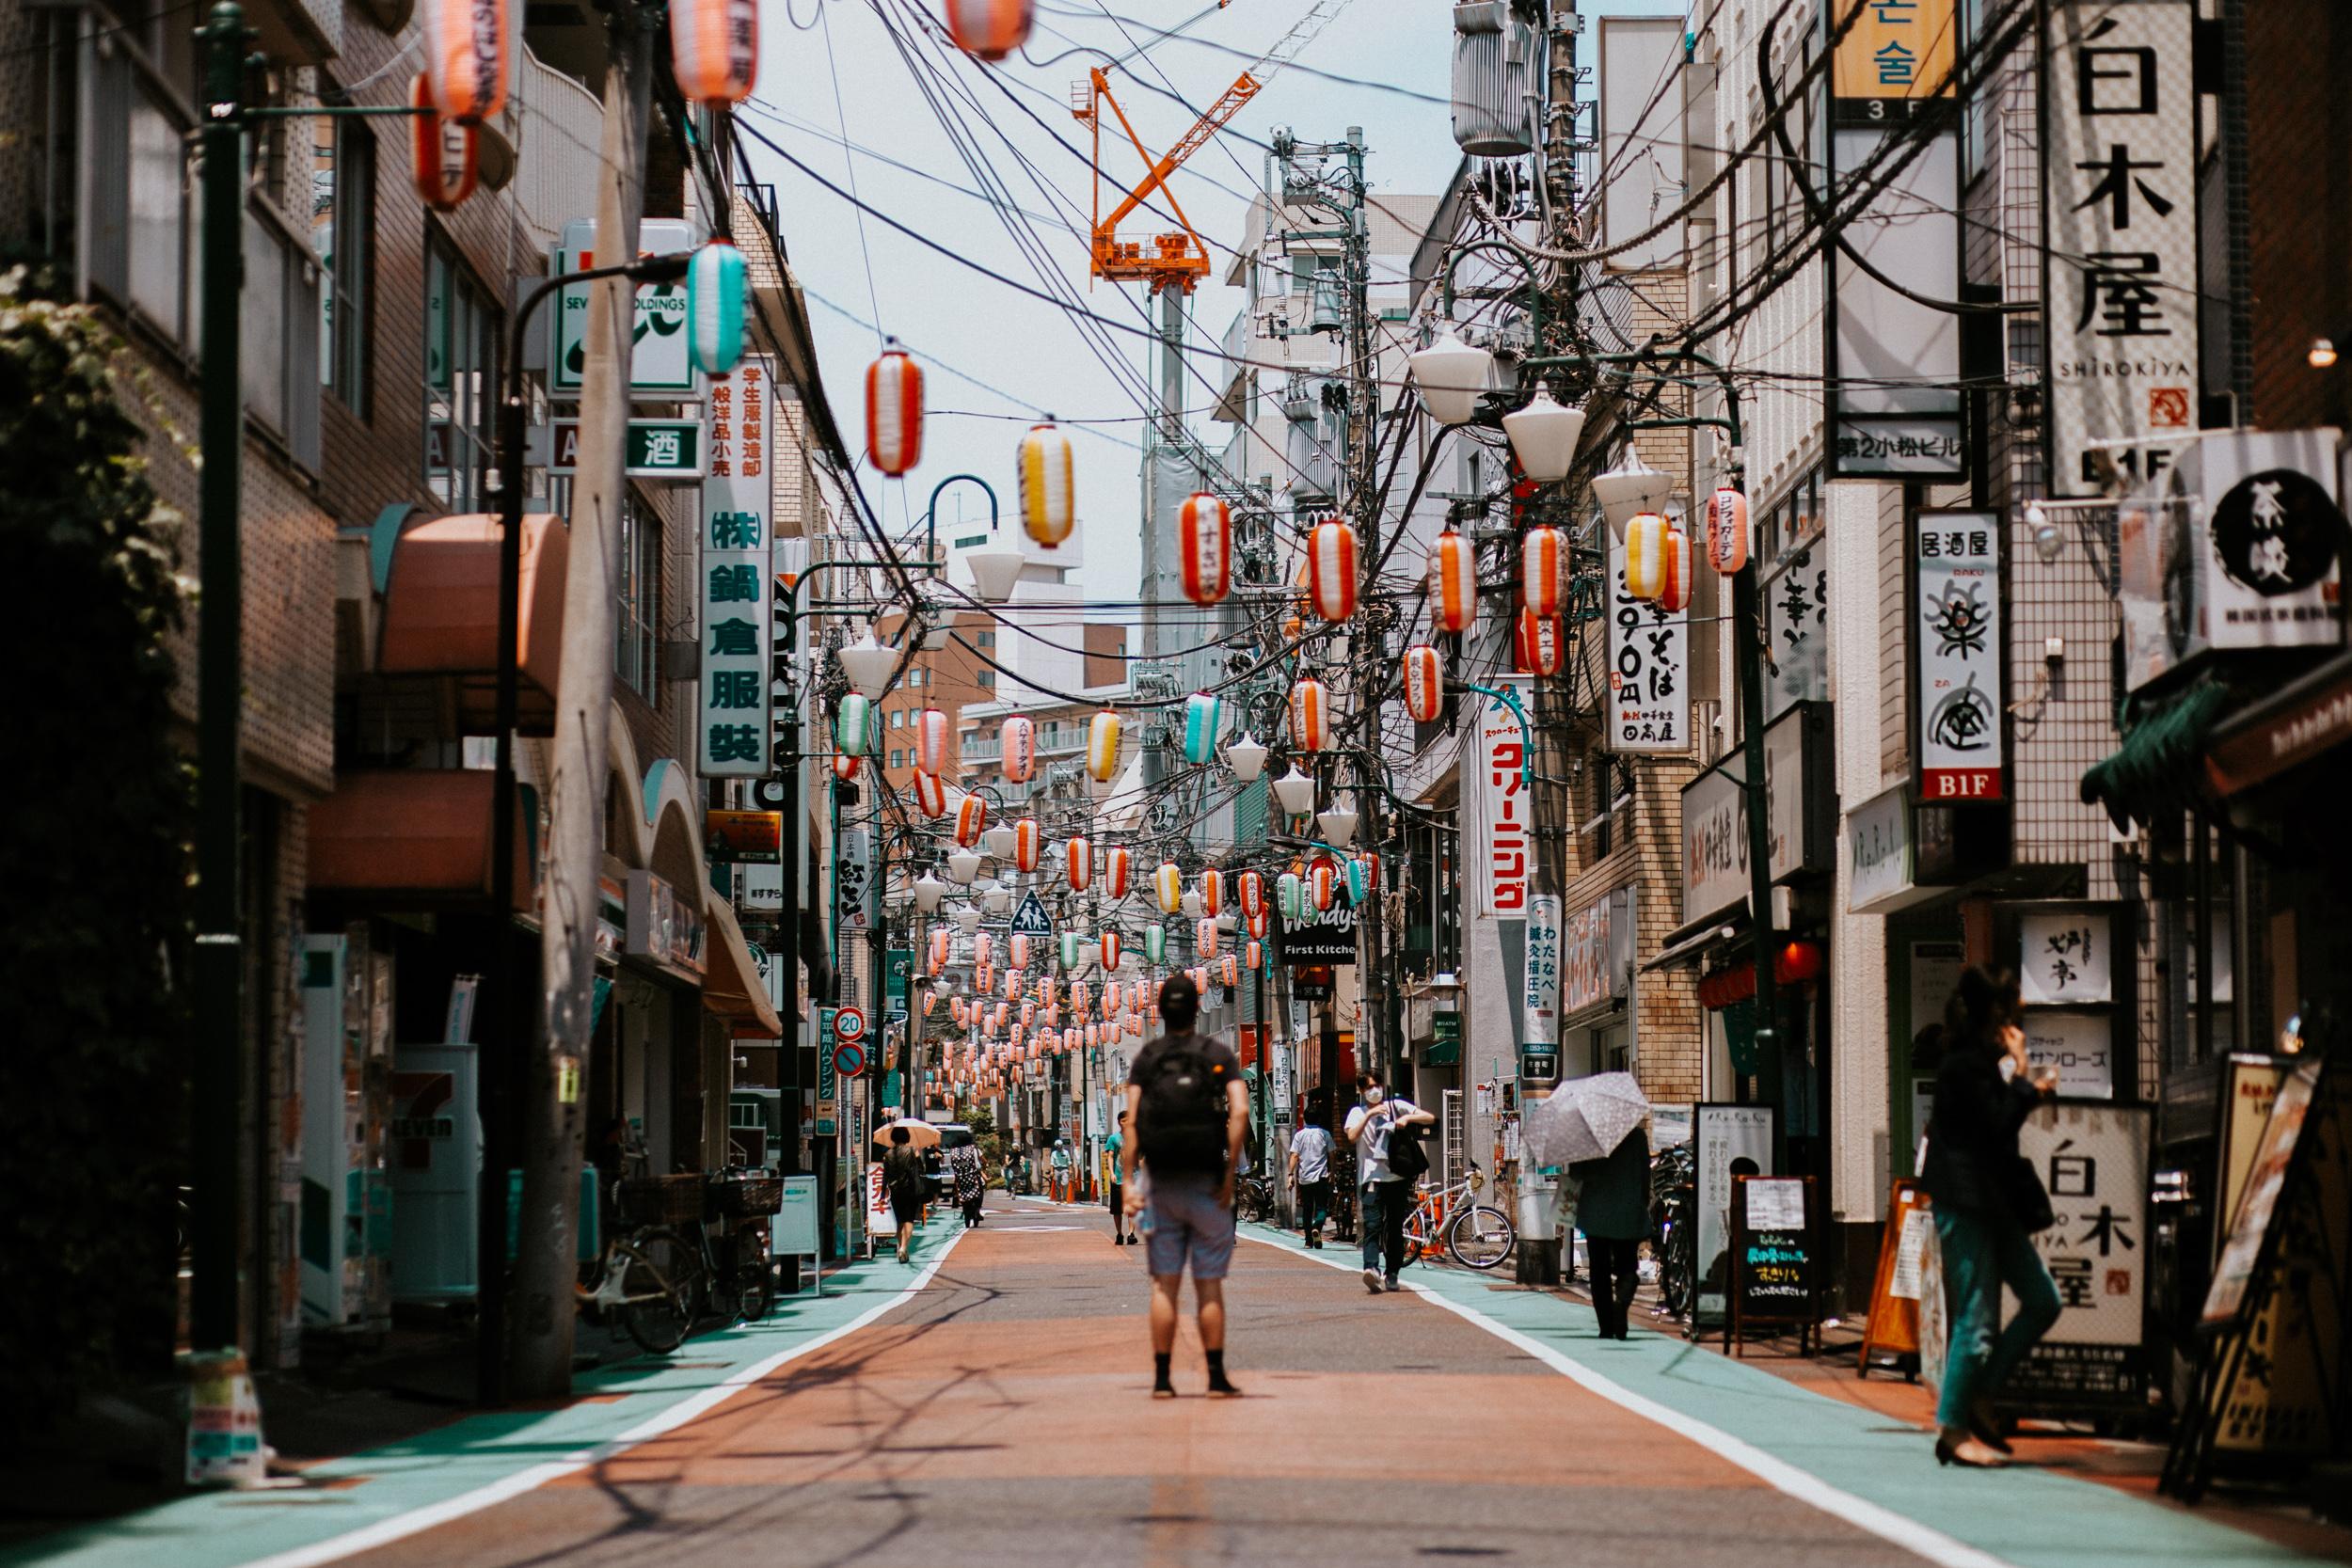 Okubo, Tokyo